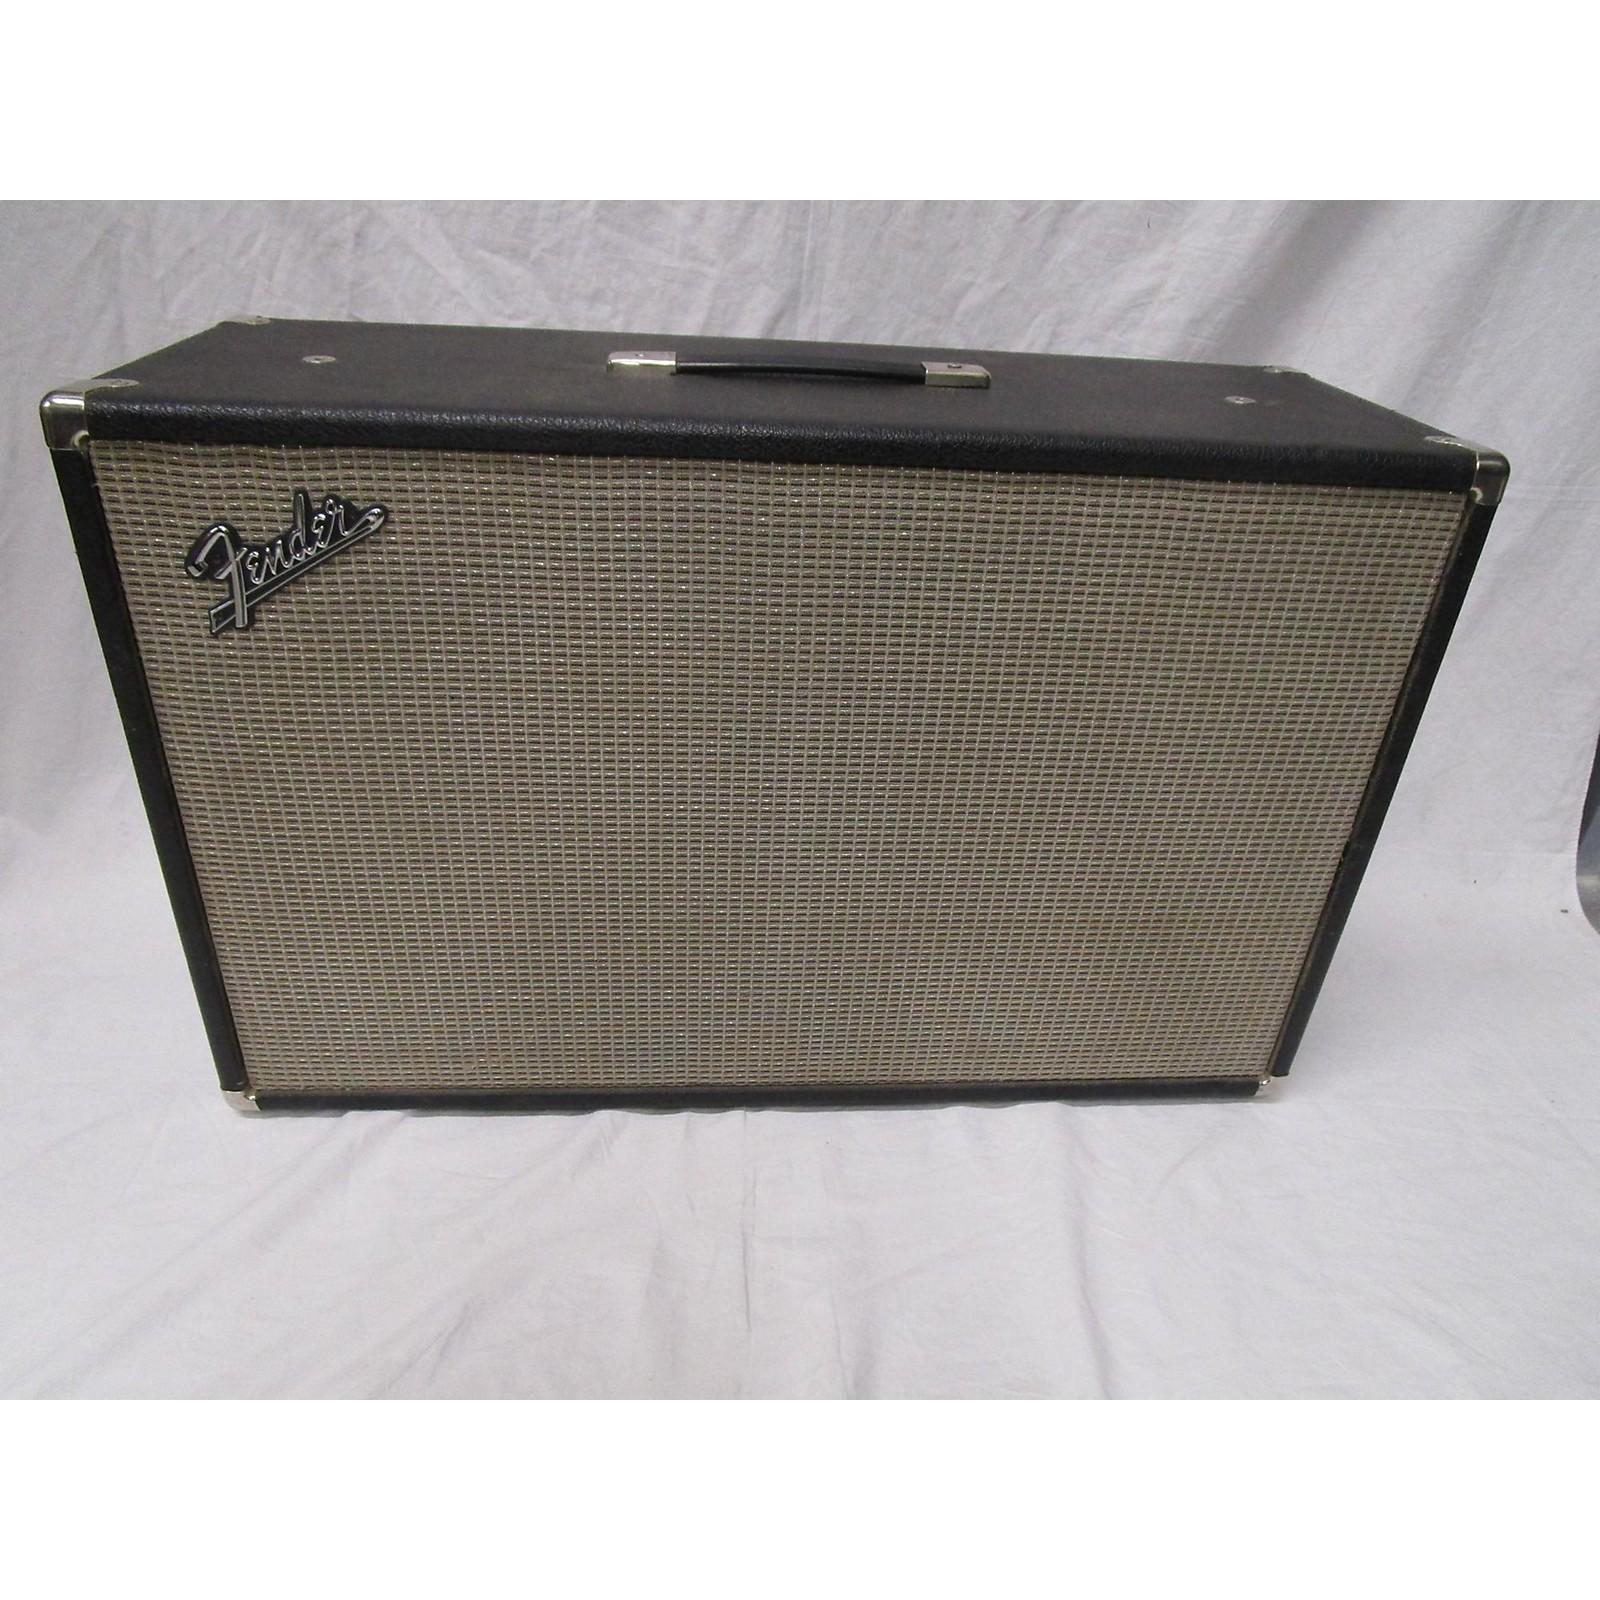 Fender Bassman 2x12 Cabinet Bass Cabinet